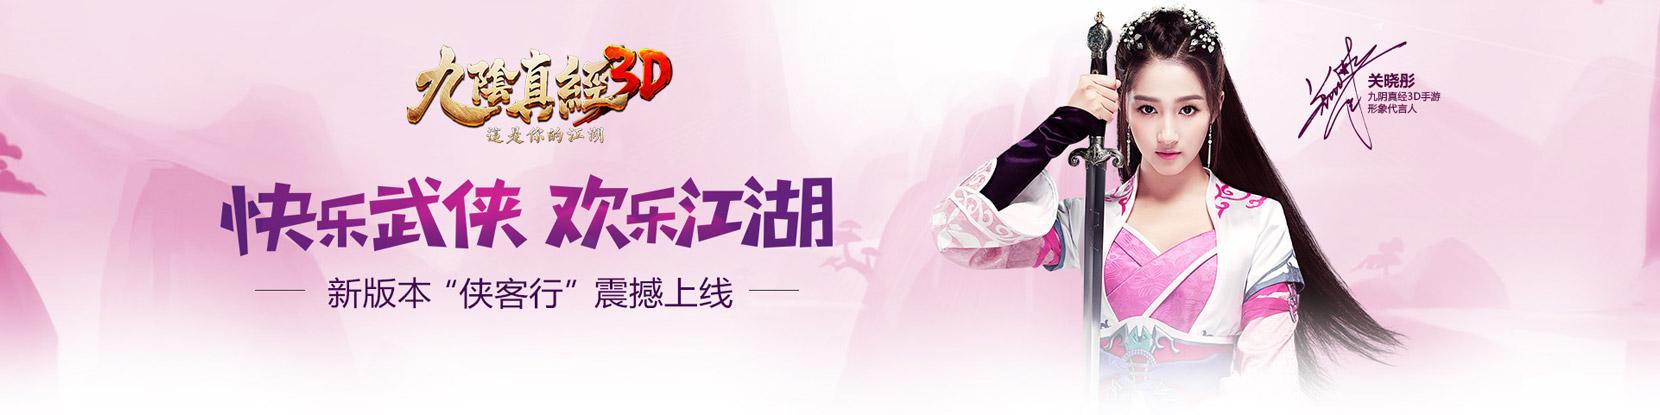 """《九阴真经3D》新版""""侠客行""""短评 萌猫相伴骑行天下"""